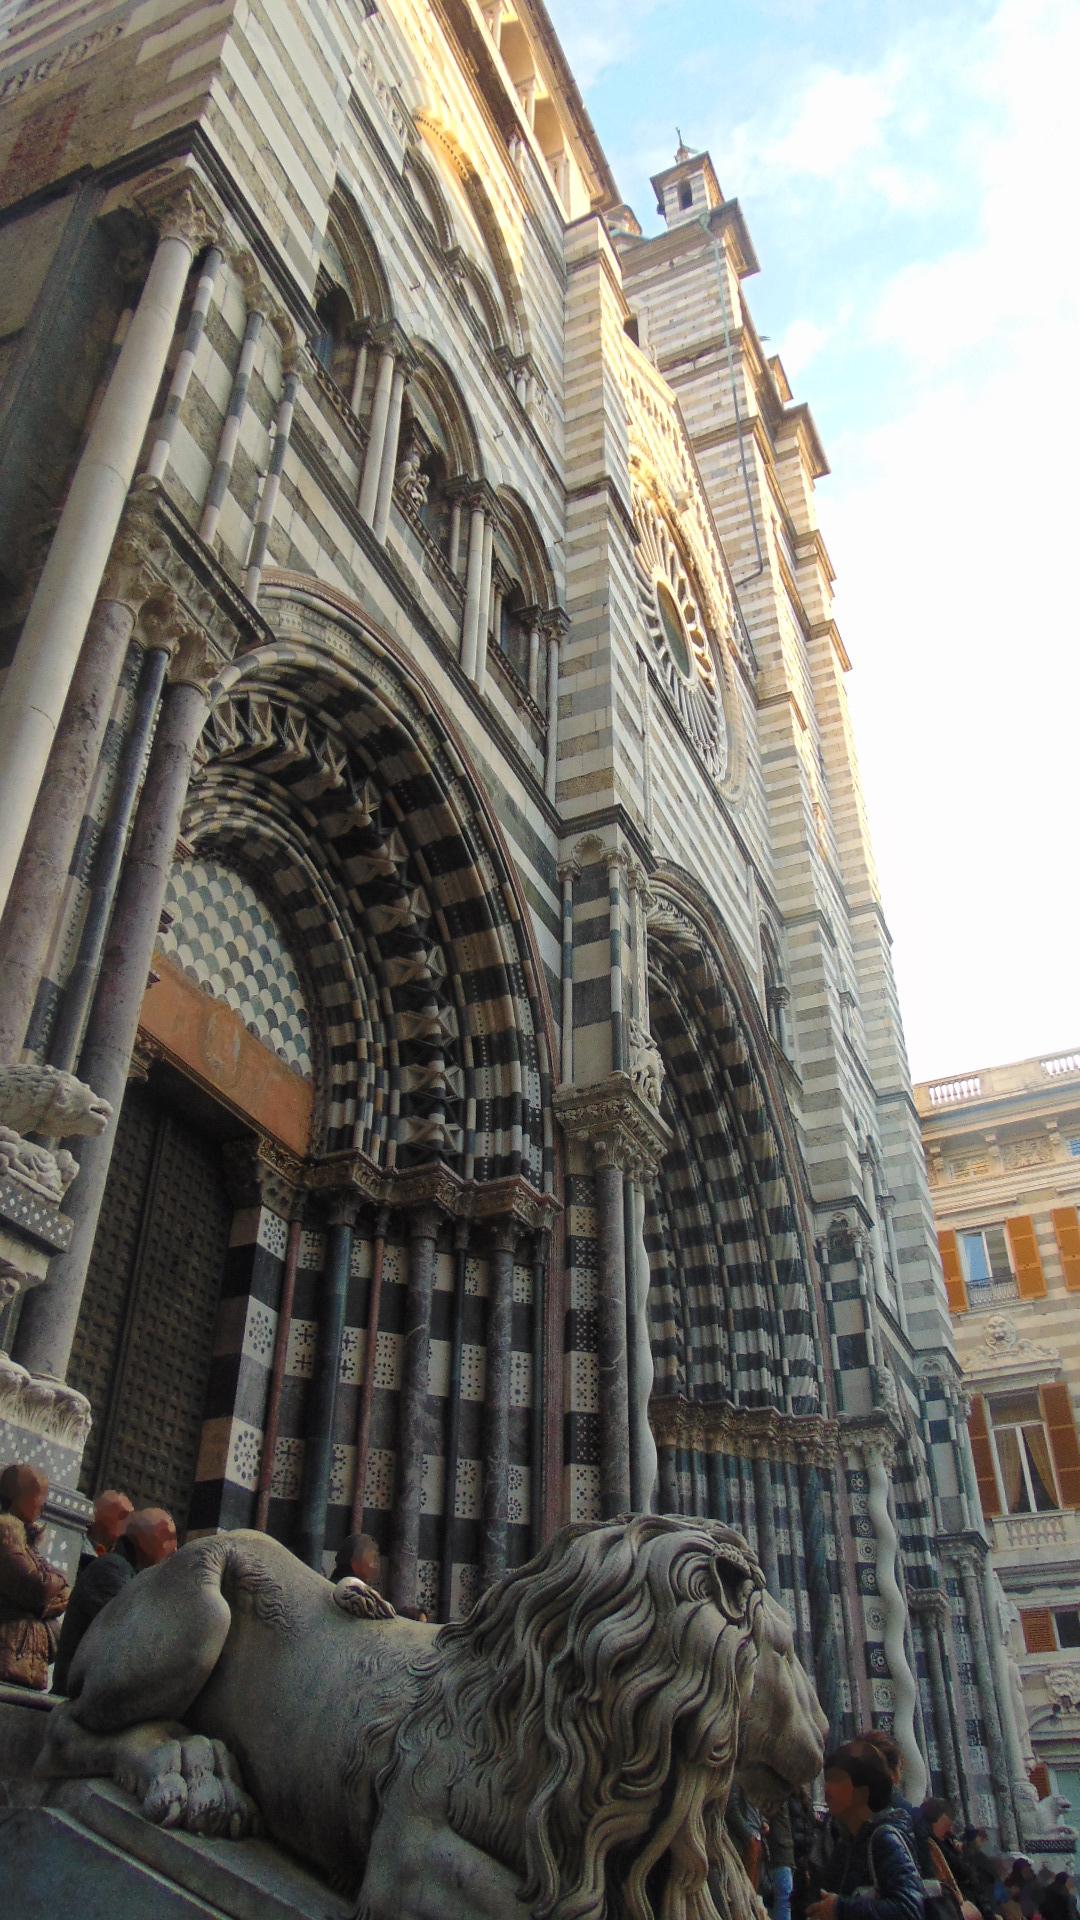 La Cattedrale di san Lorenzo - 13